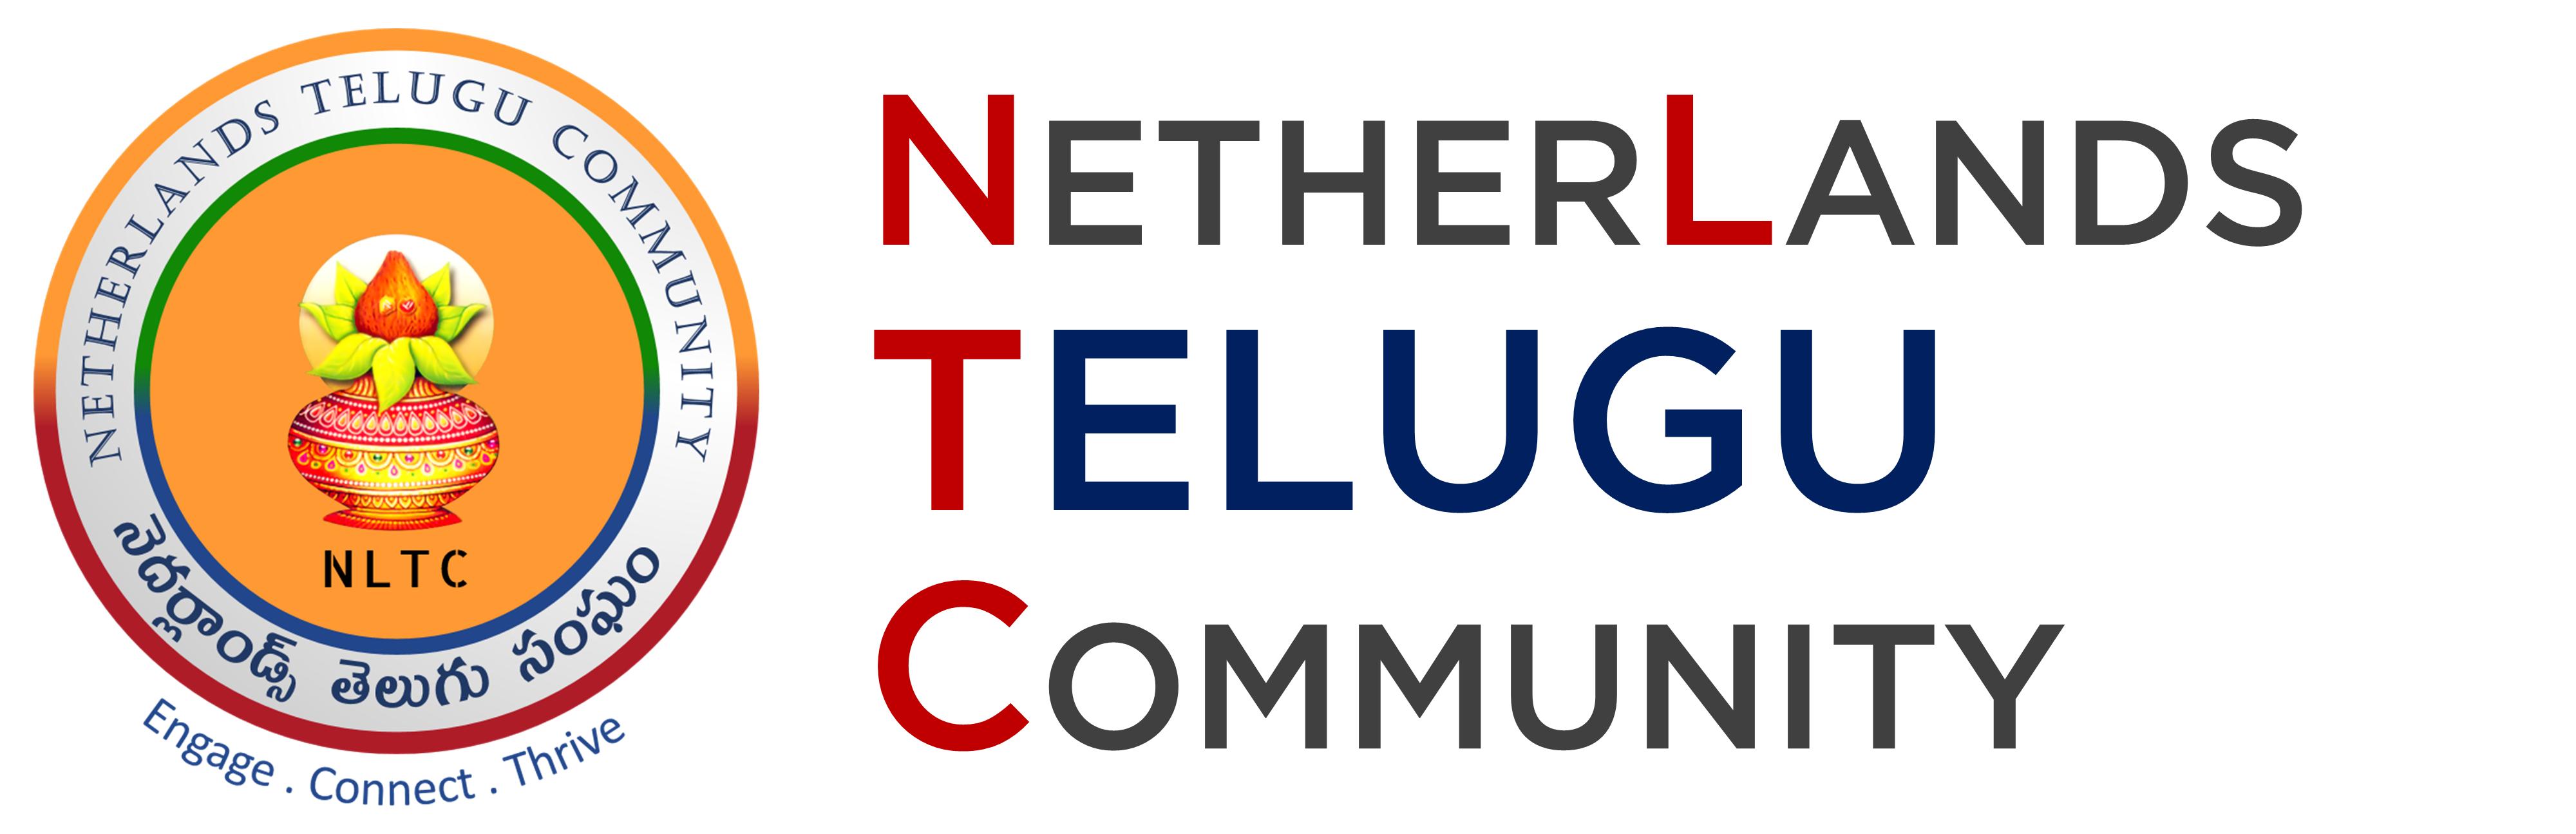 Netherlands Telugu Community